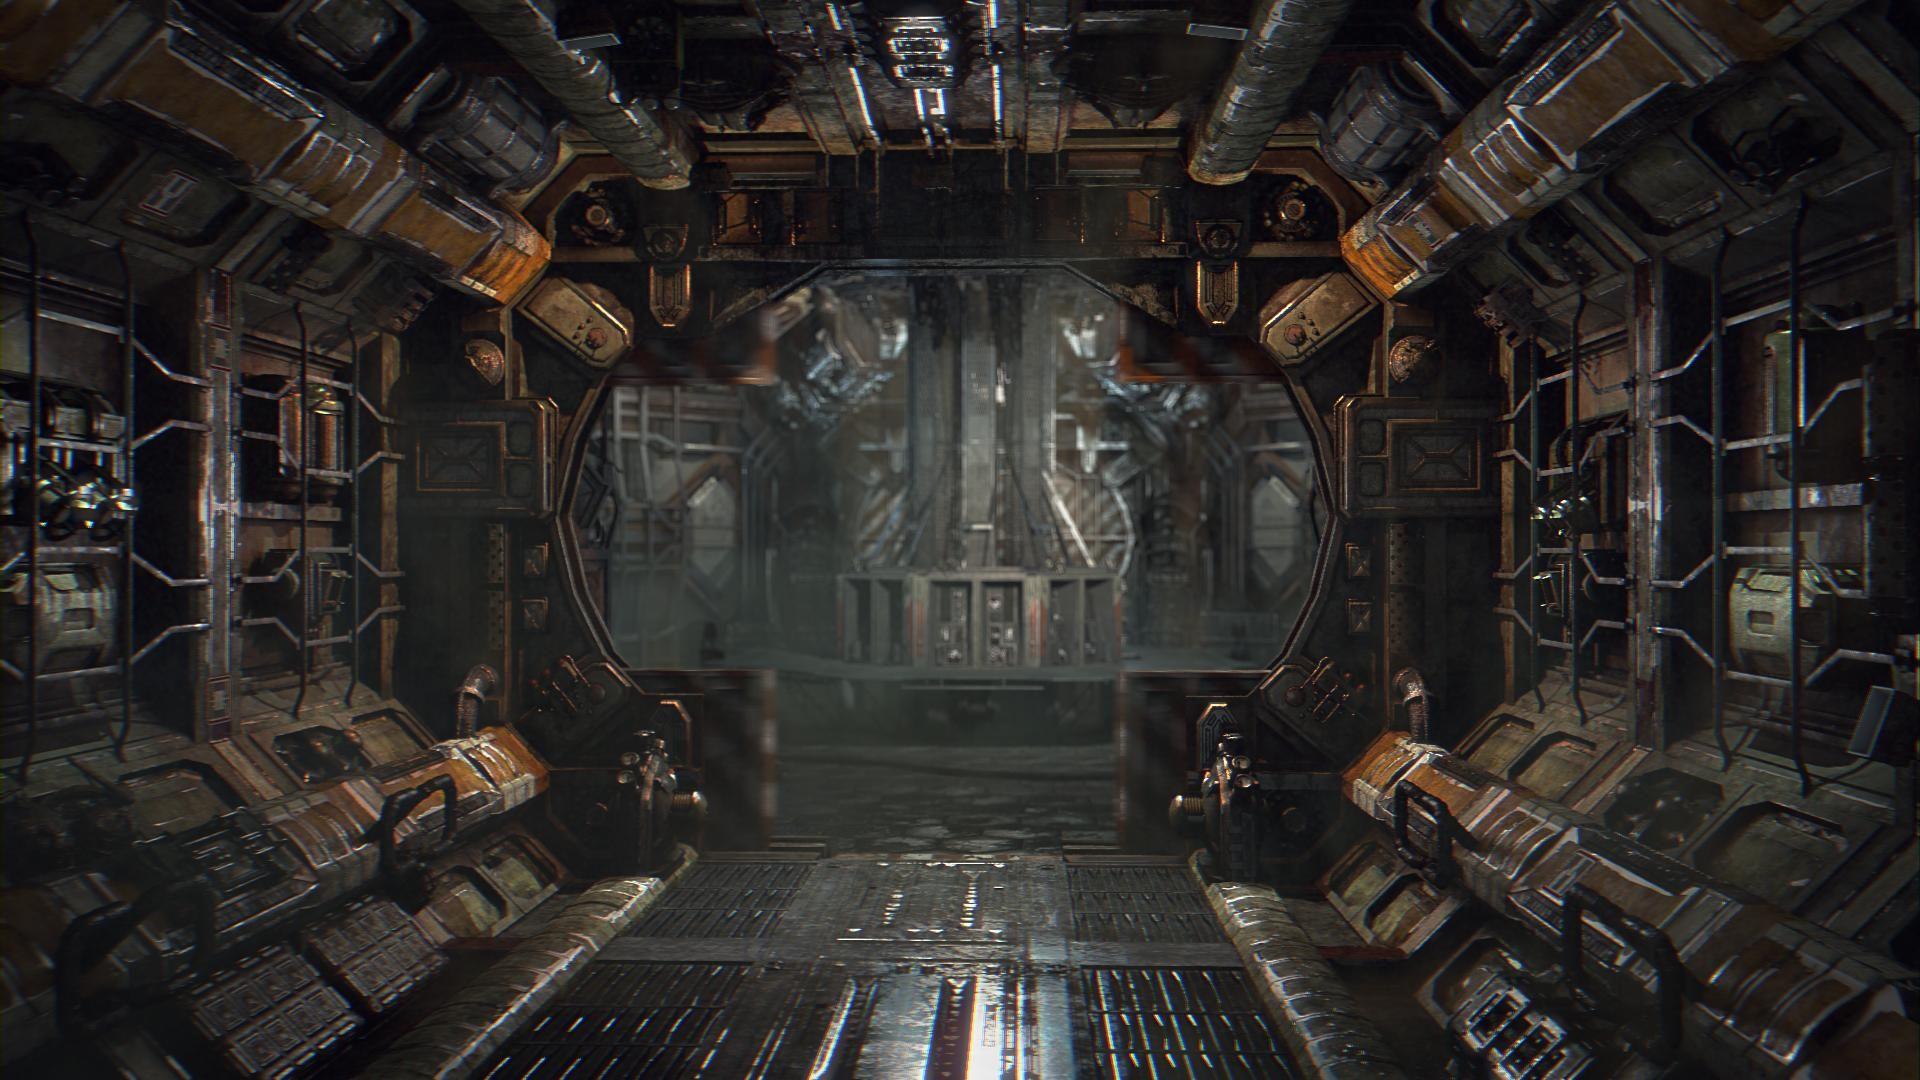 alien inside ship - HD1920×1080